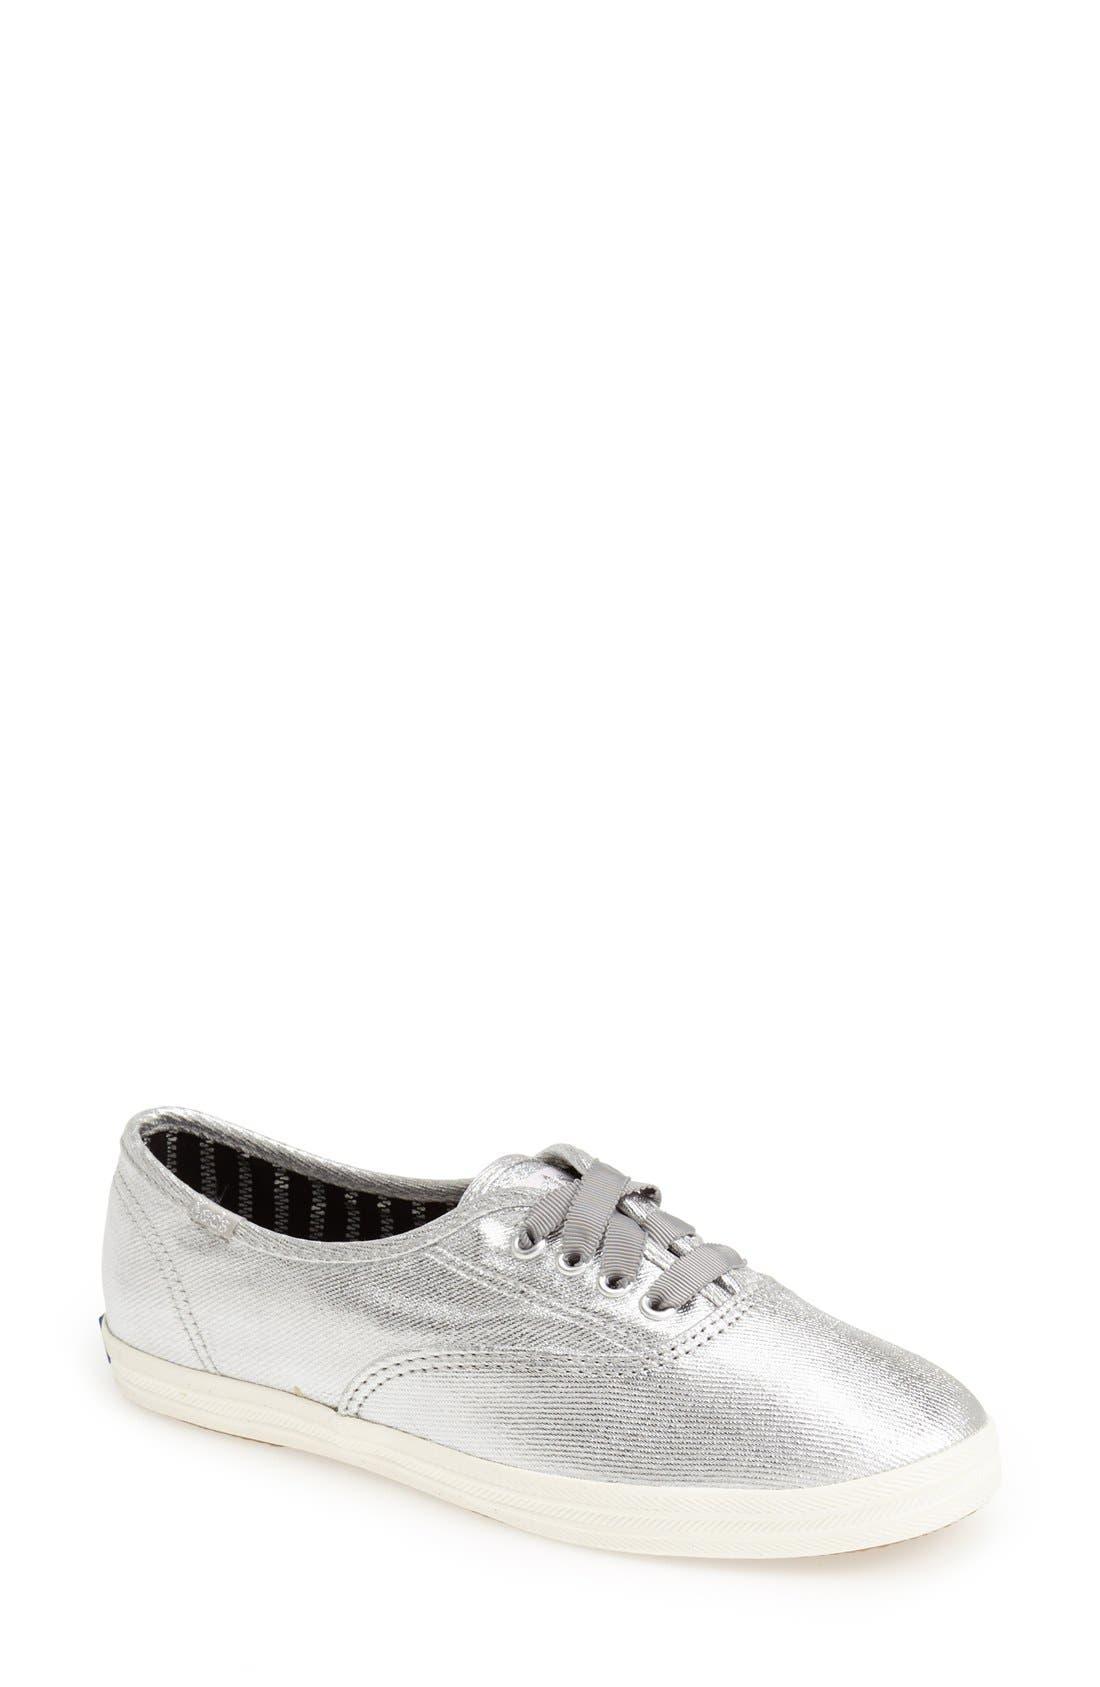 Main Image - Keds® 'Champion - Metallic' Sneaker (Women) (Regular Retail Price: $49.95)